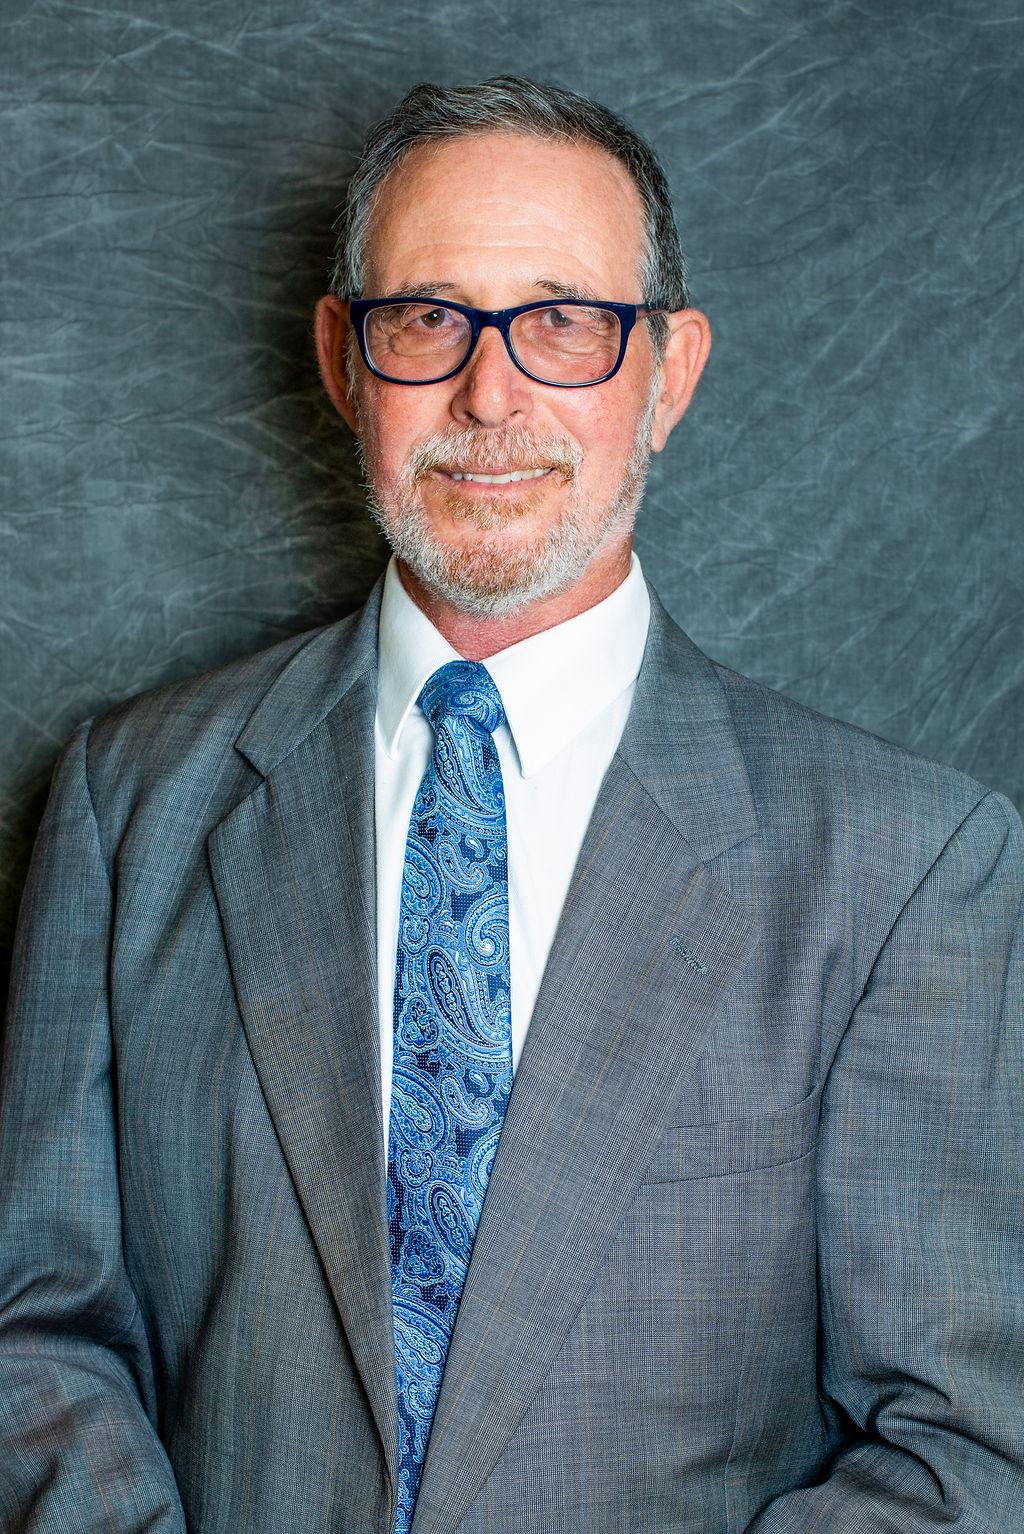 Jim Rosen